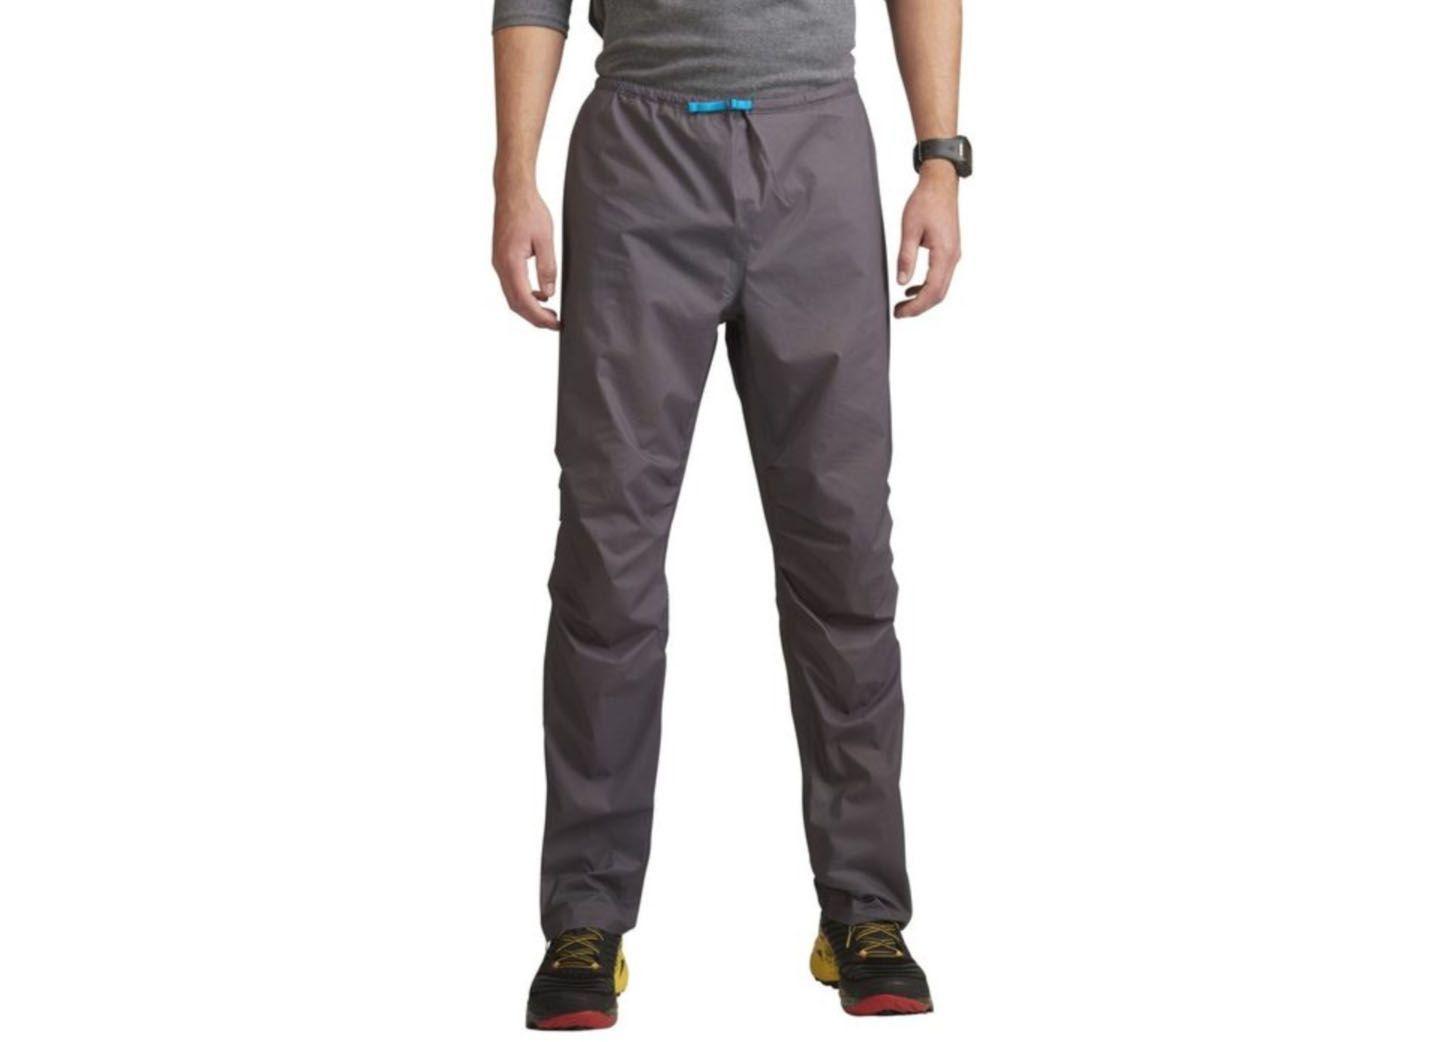 unique style discount sale big sale Best Running Leggings - Workout Pants 2019